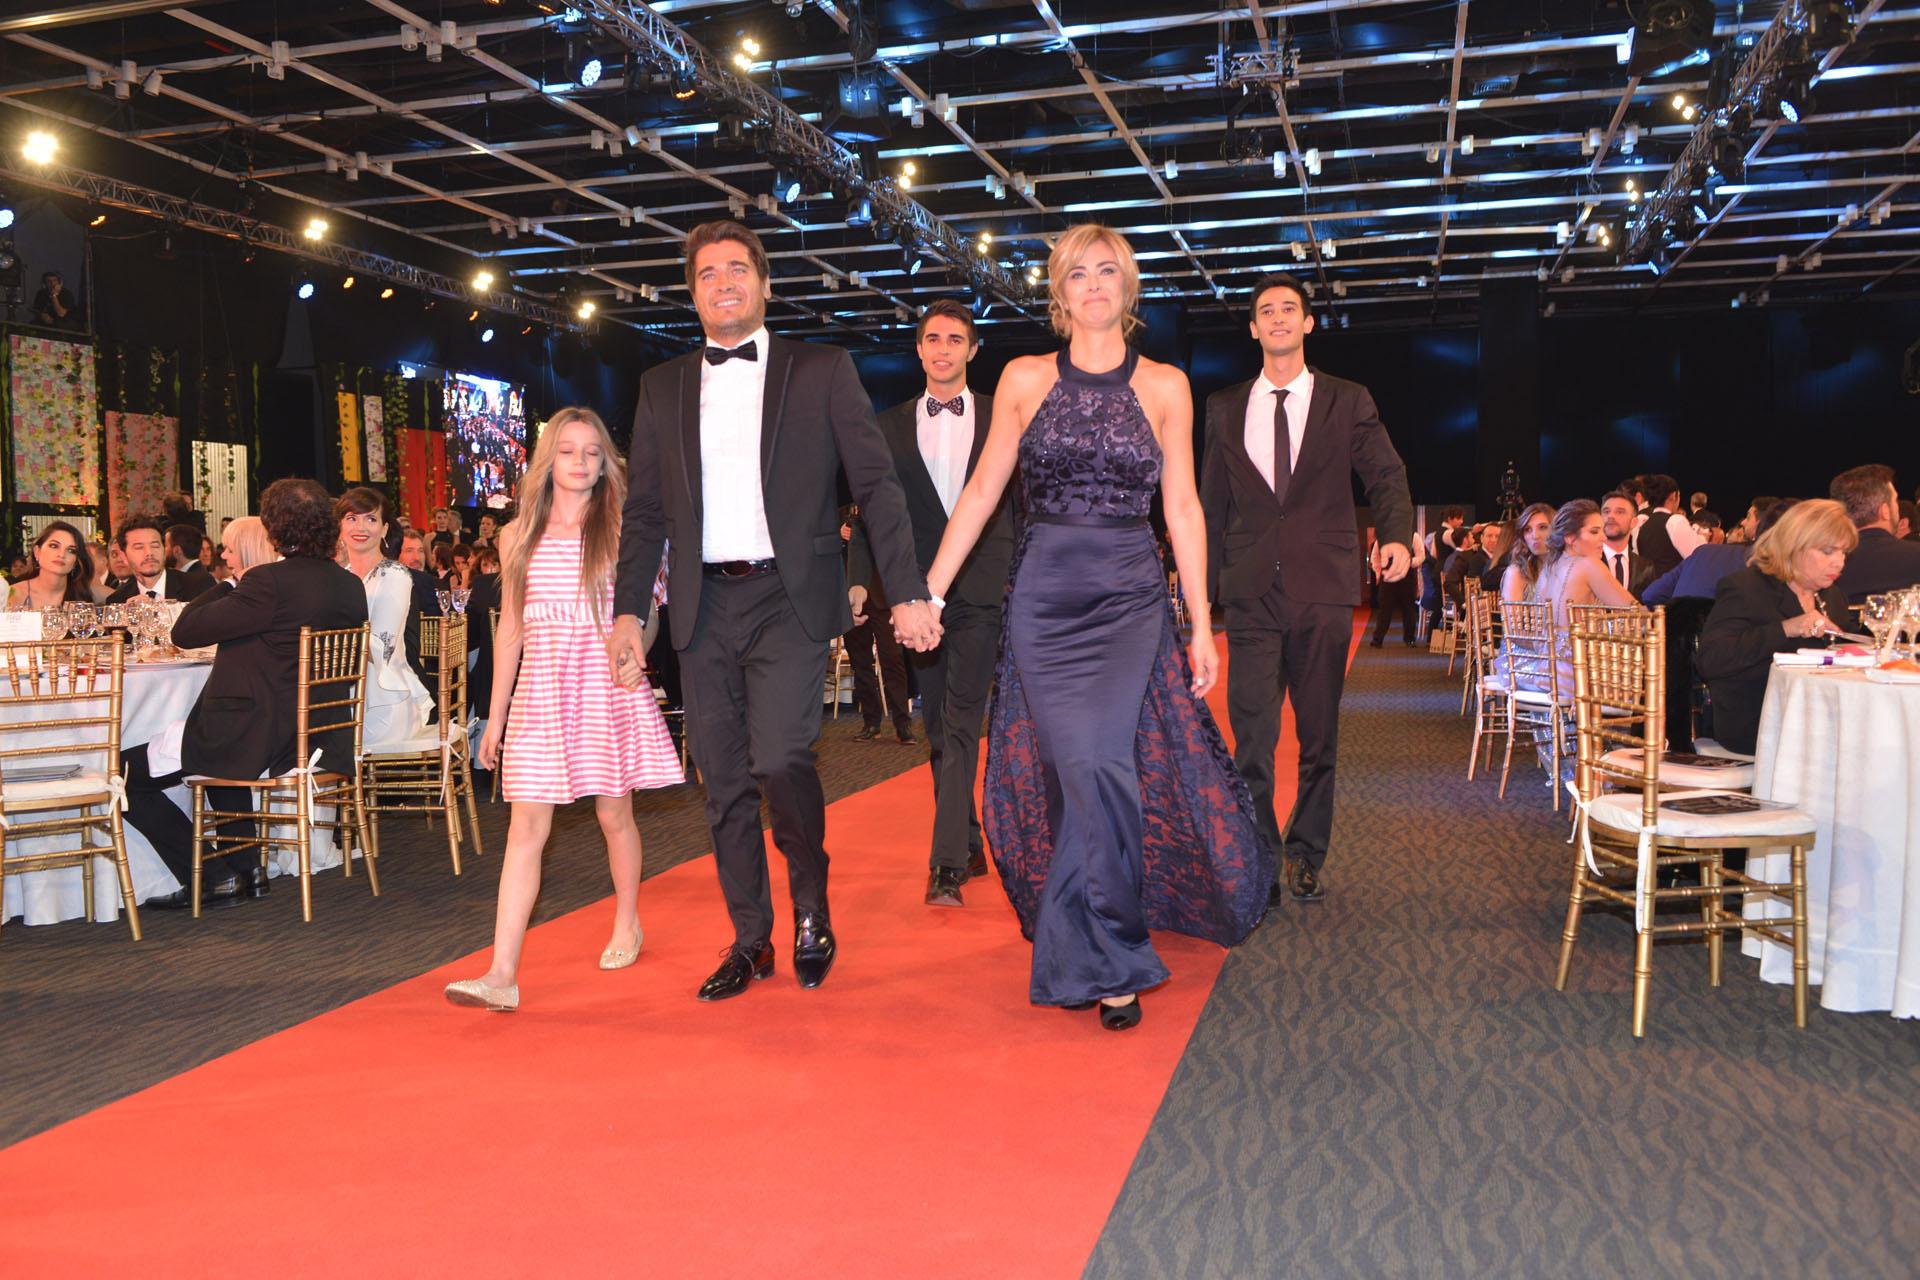 Los hermanos Guiilermo y Marisa Andino con sus hijos en el homenaje a su padre, Ramón Andino